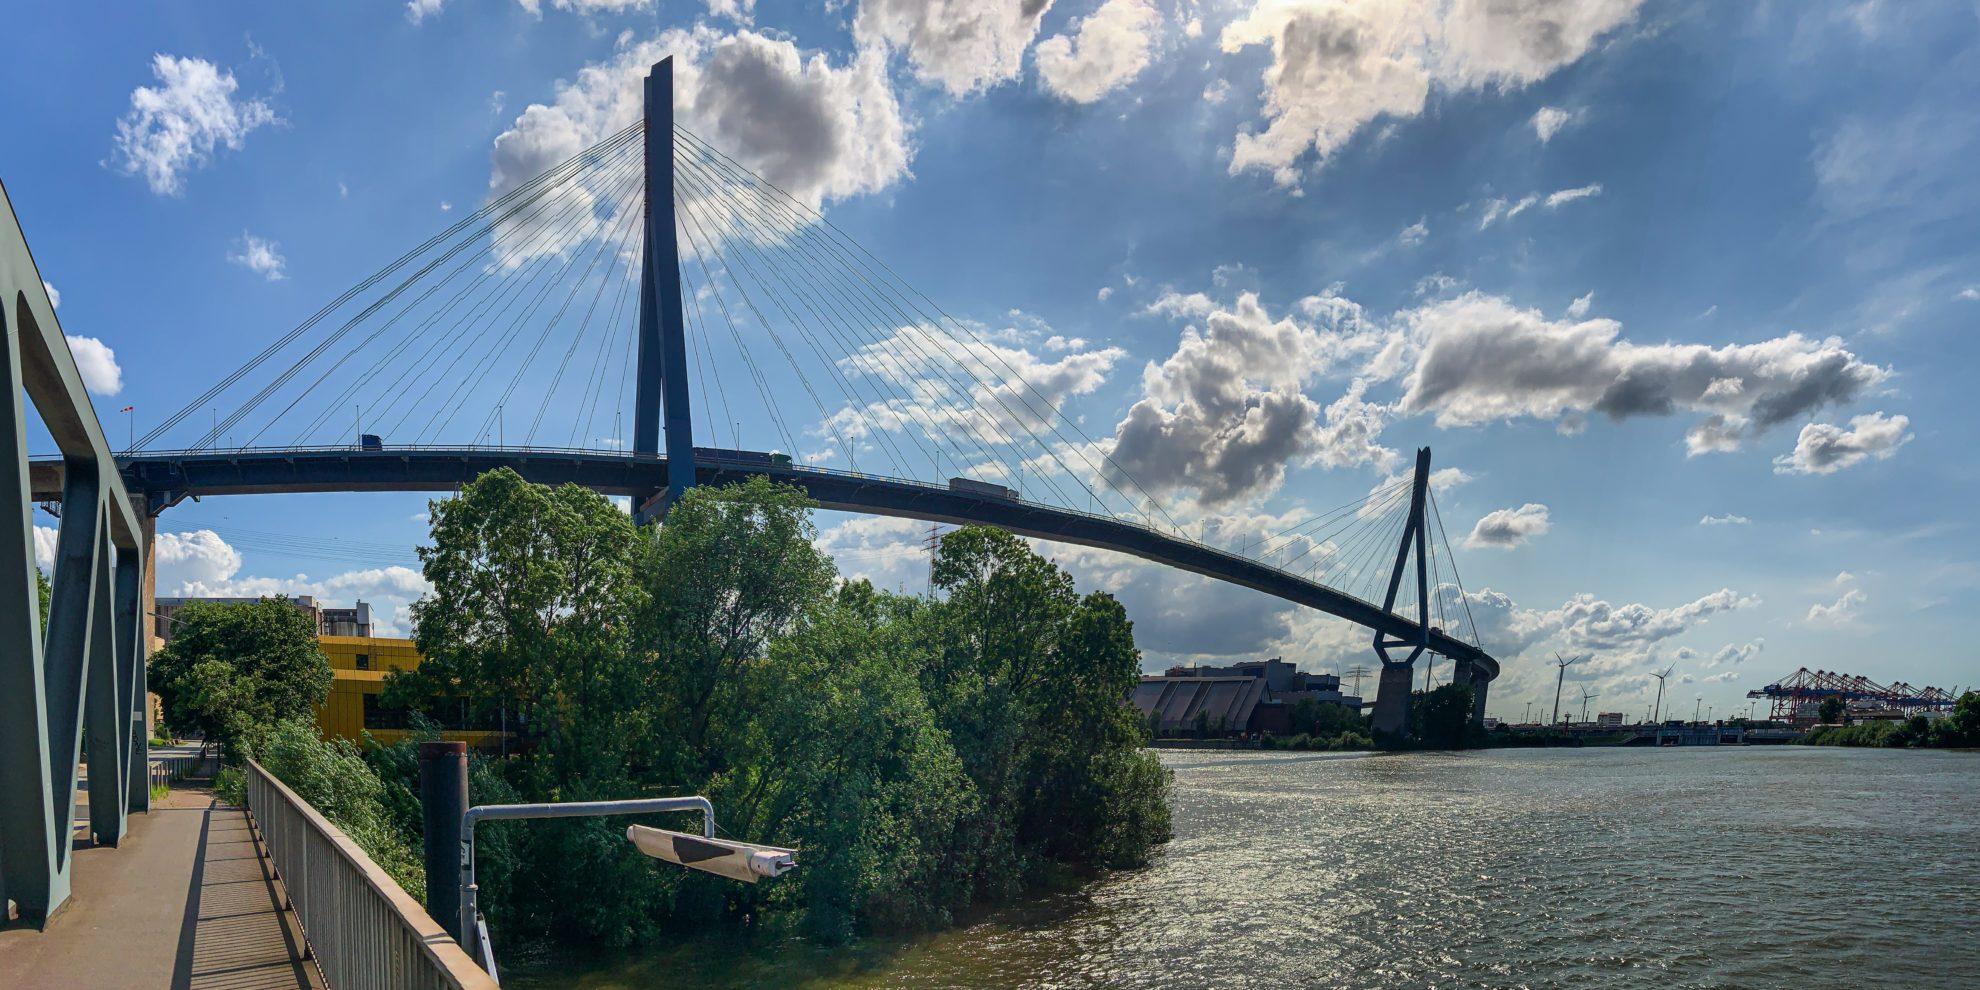 Panorama der Köhlbrandbrücke von Neuhof aus gesehen